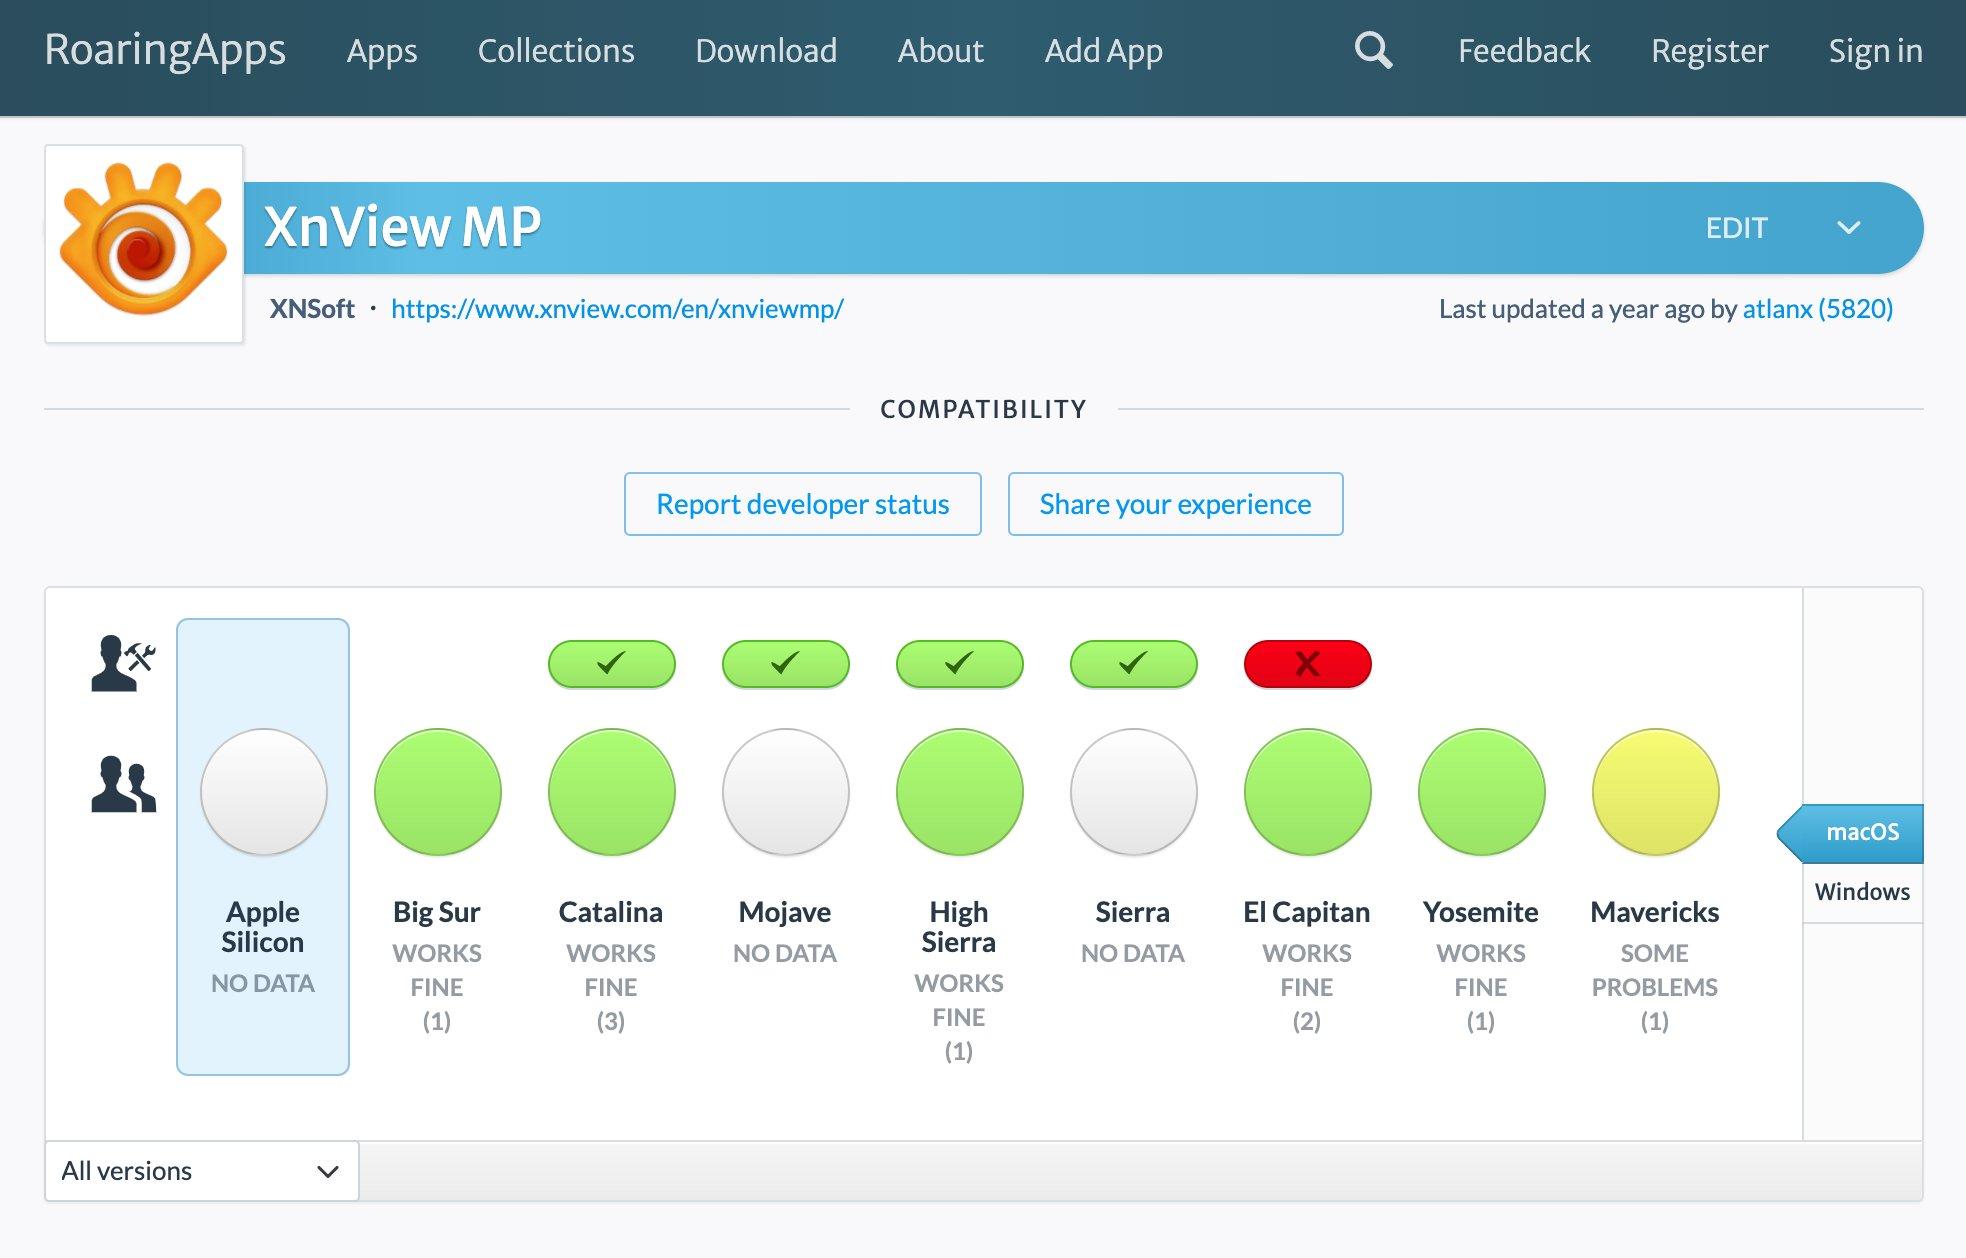 公式サイトを見てもよくわからなかったけど macOS Big Sur でも動きそうな雰囲気。  XnView MP – RoaringApps https://t.co/O0IWlgXXSf https://t.co/9XuAZybWBm